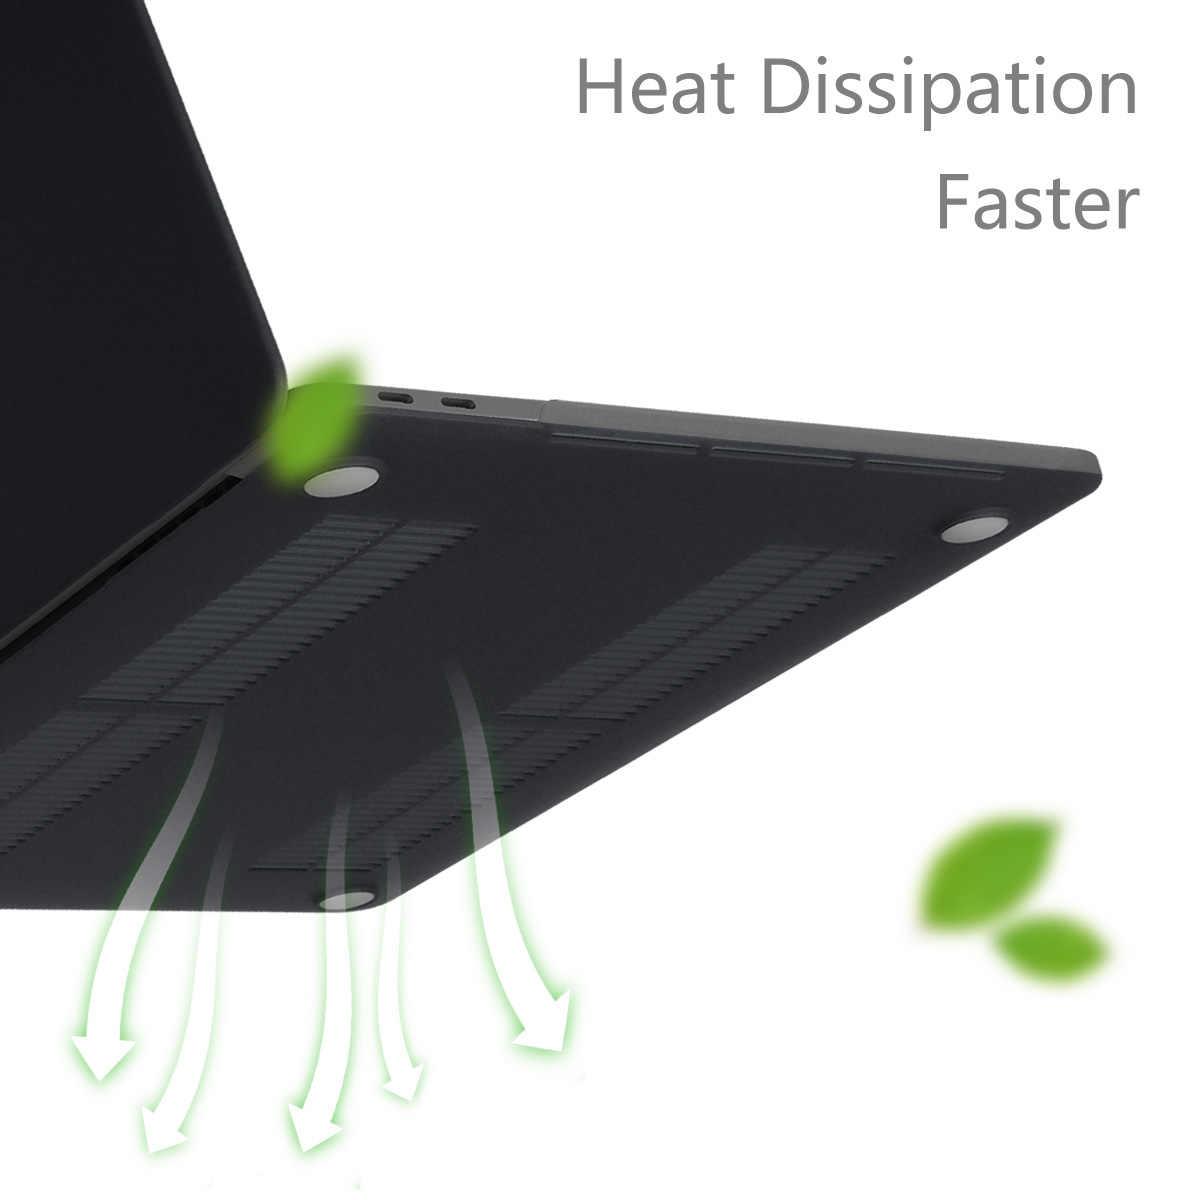 חדש מחשב נייד מקרה עבור אפל רשתית 11 12 13 15 16 mac ספר 15.4 13.3 אינץ עם מגע בר מזהה שרוול + מקלדת כיסוי